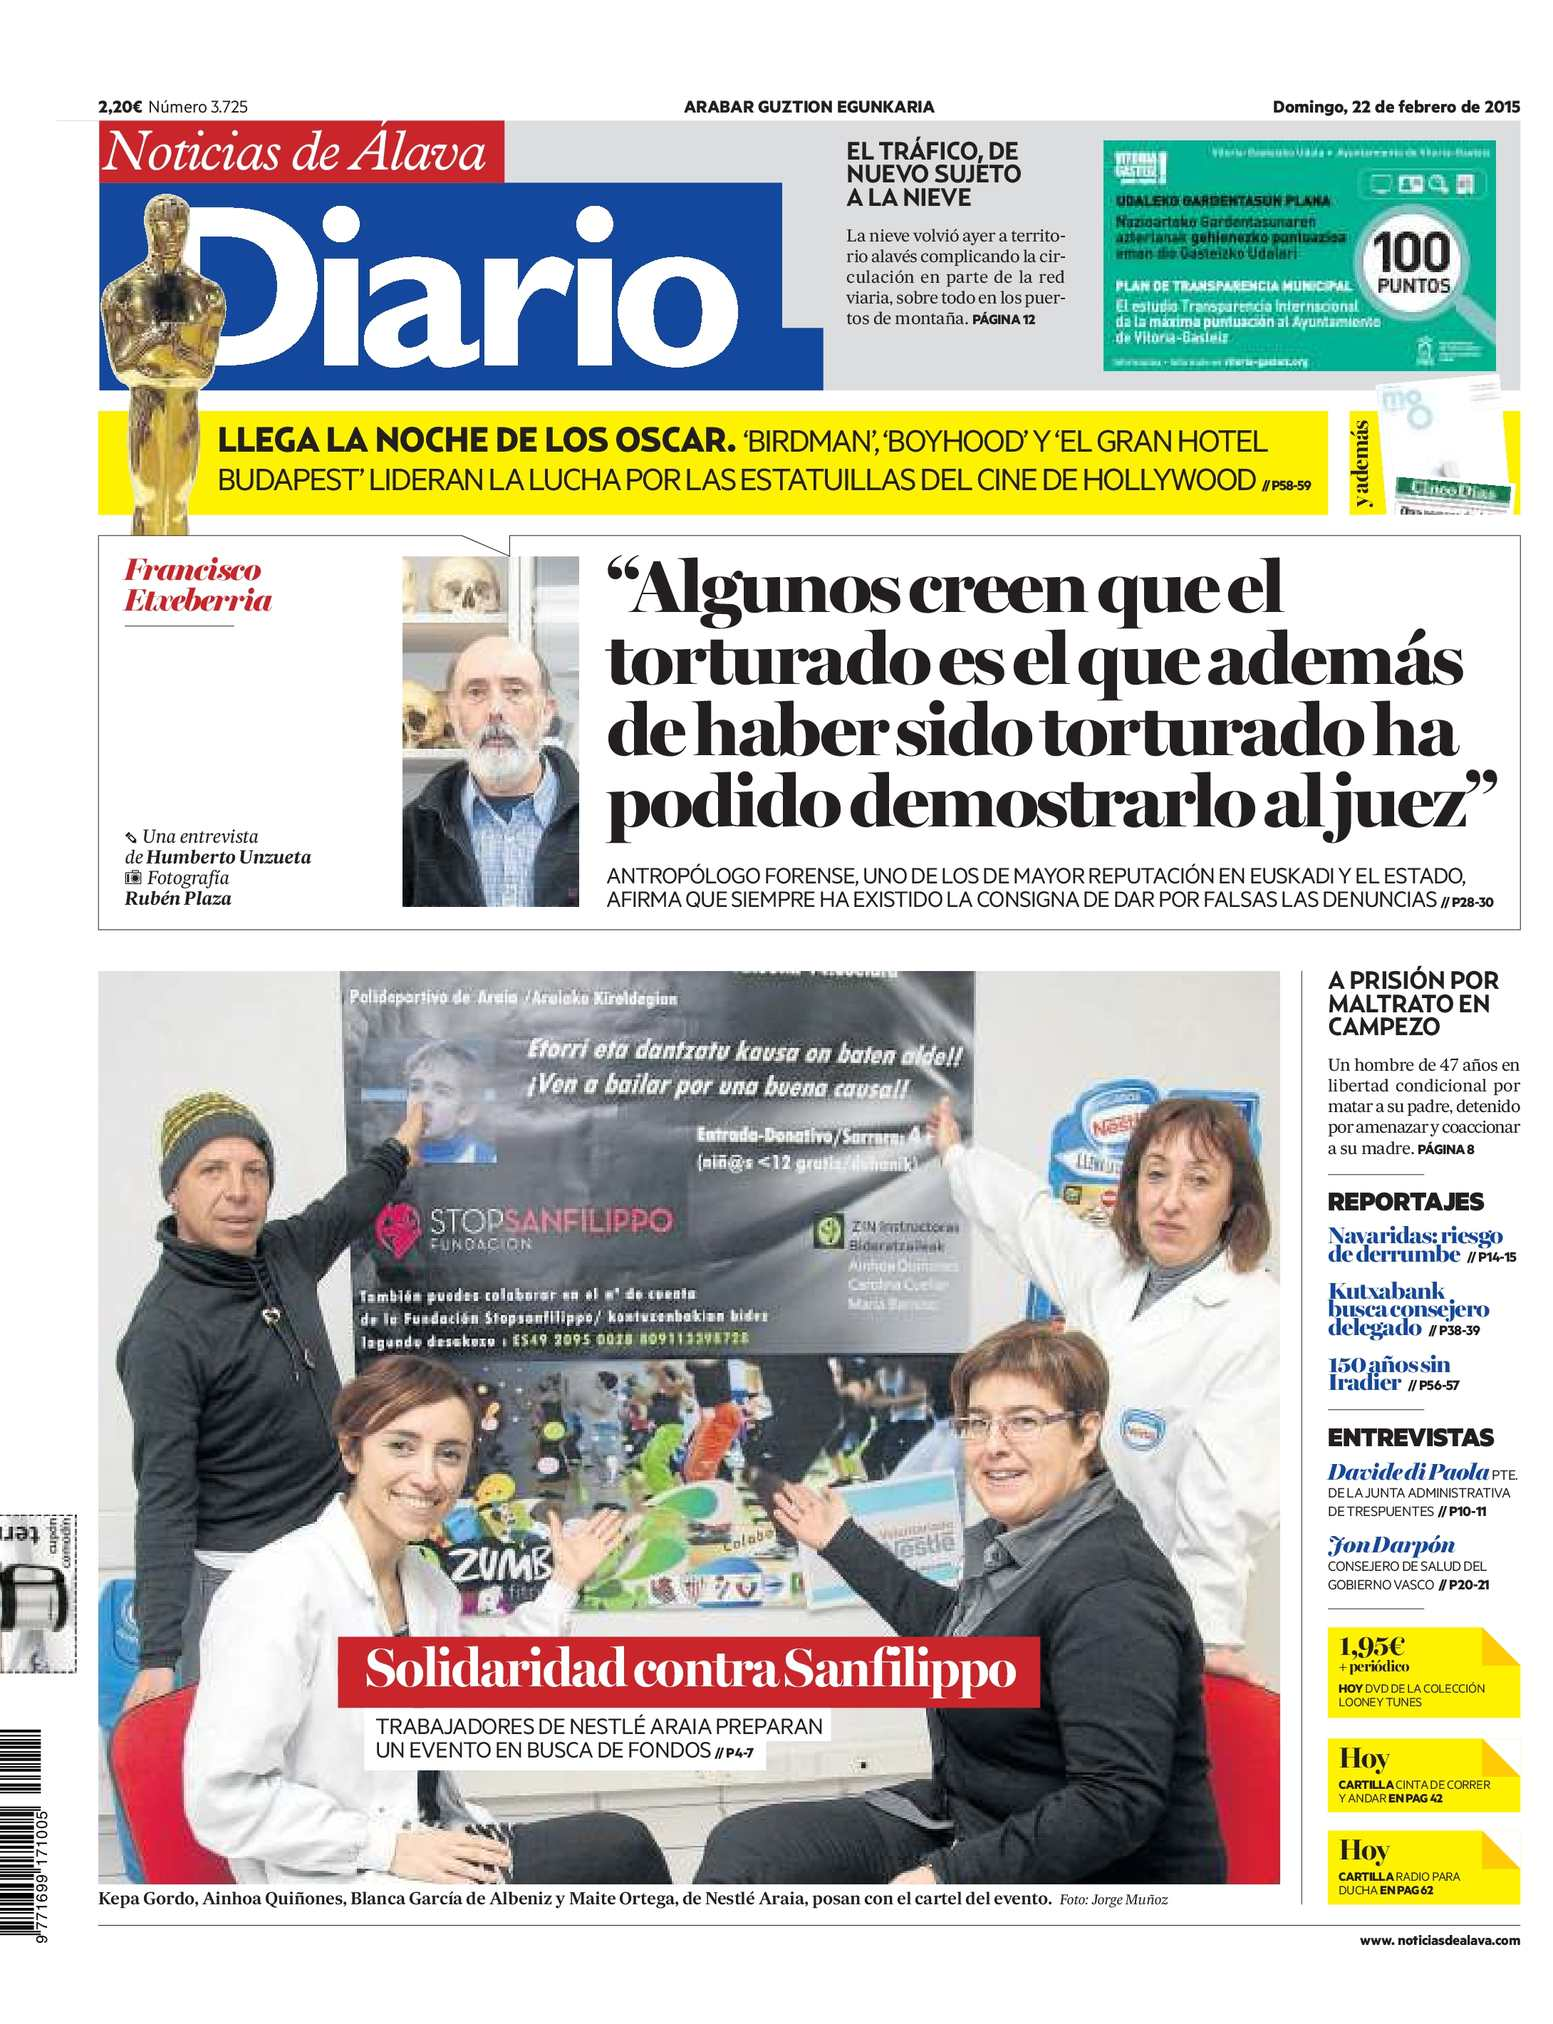 Calaméo - Diario de Noticias de Álava 20150222